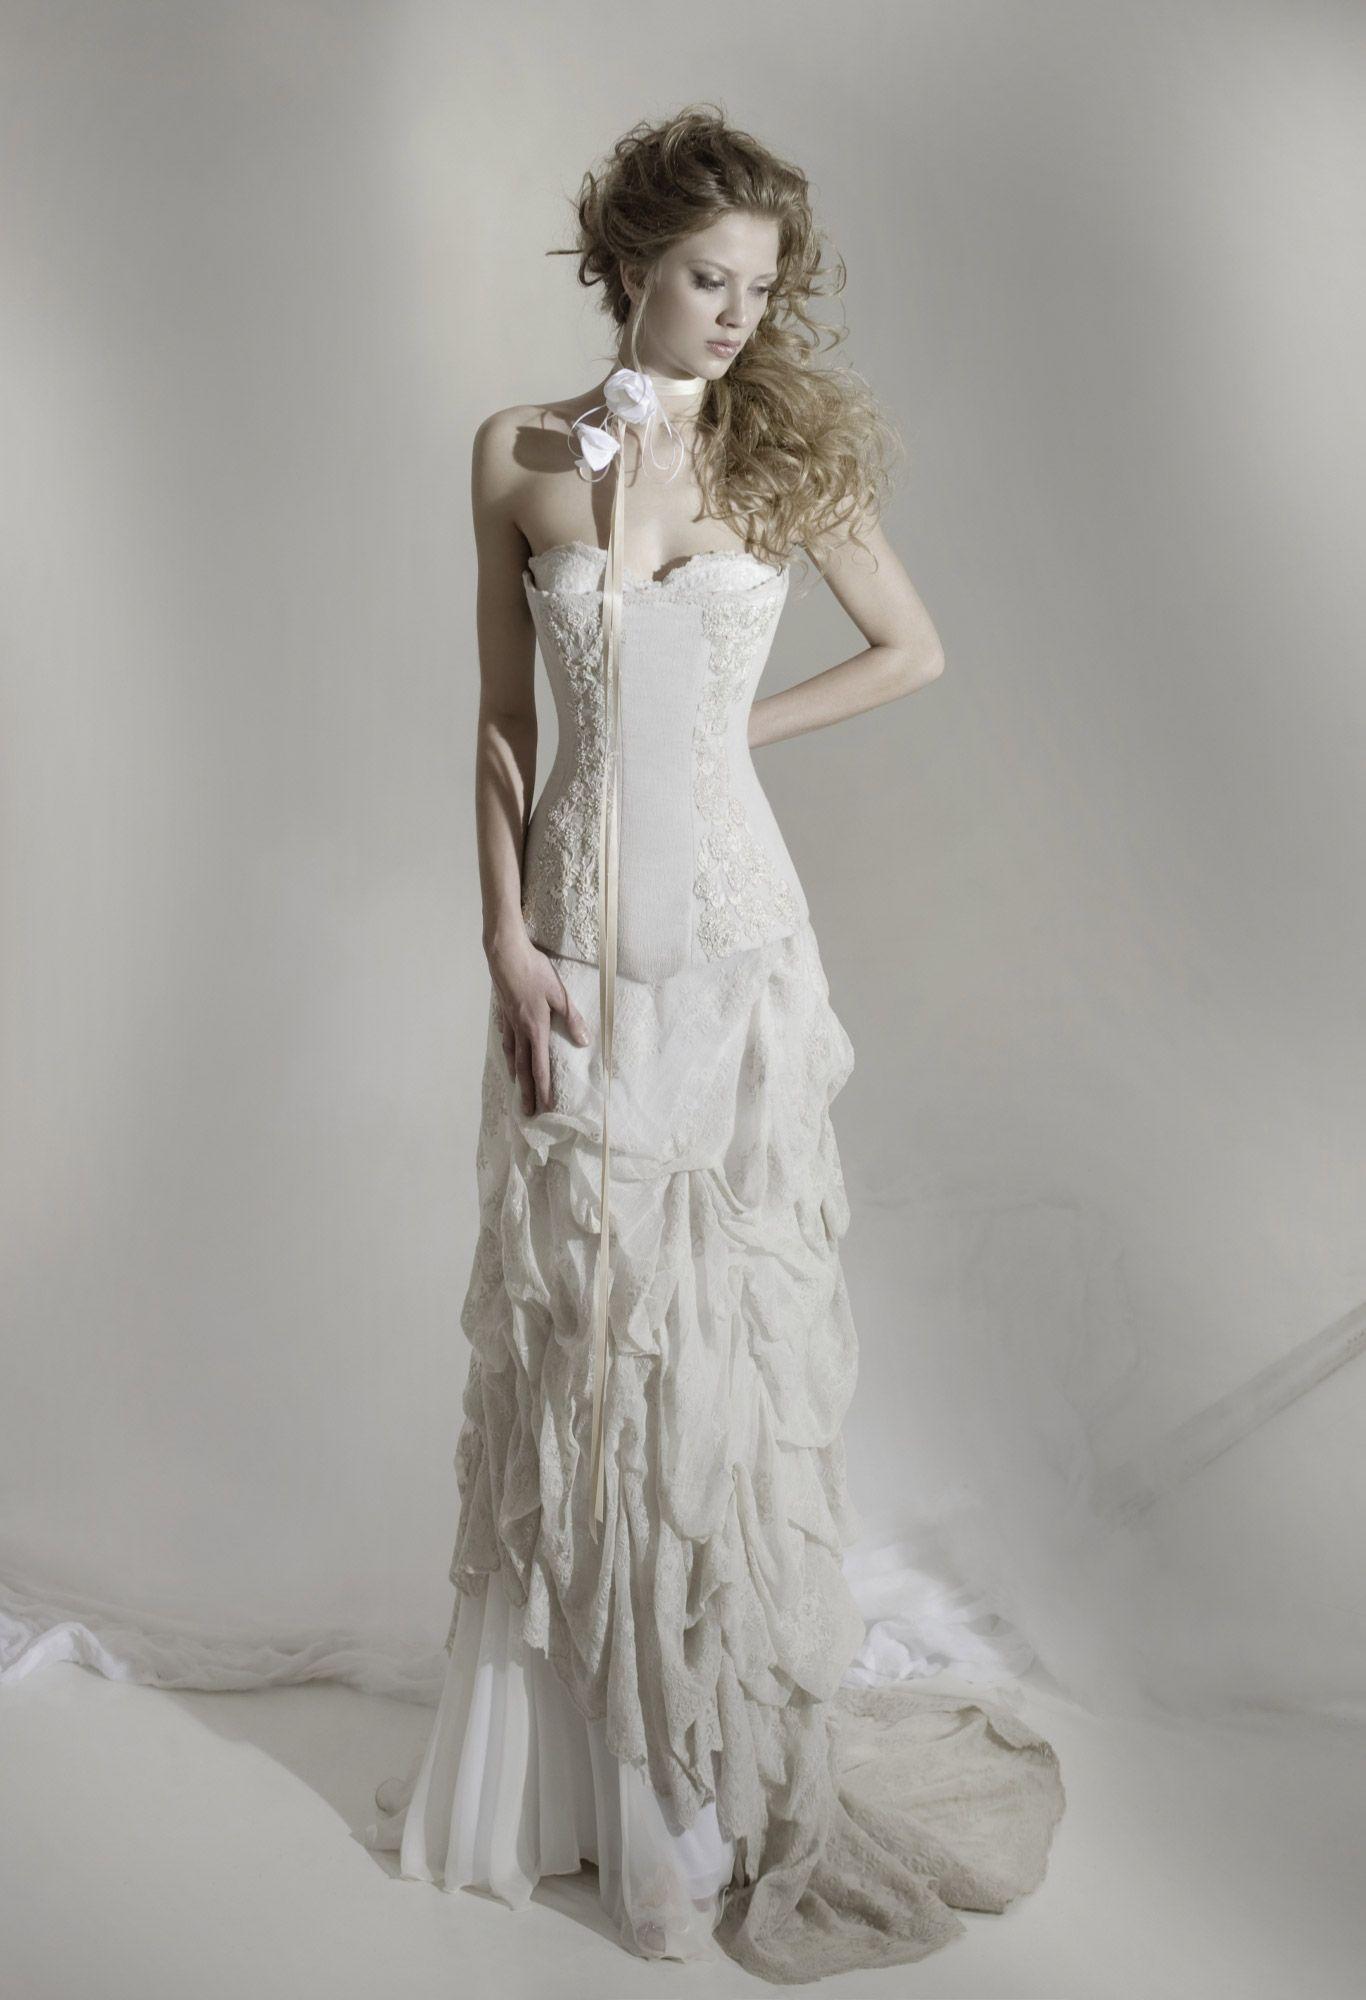 Fare Clic Per Chiudere L Immagine Trascina Spostare Frecce Andare Avanti E Wedding Dress